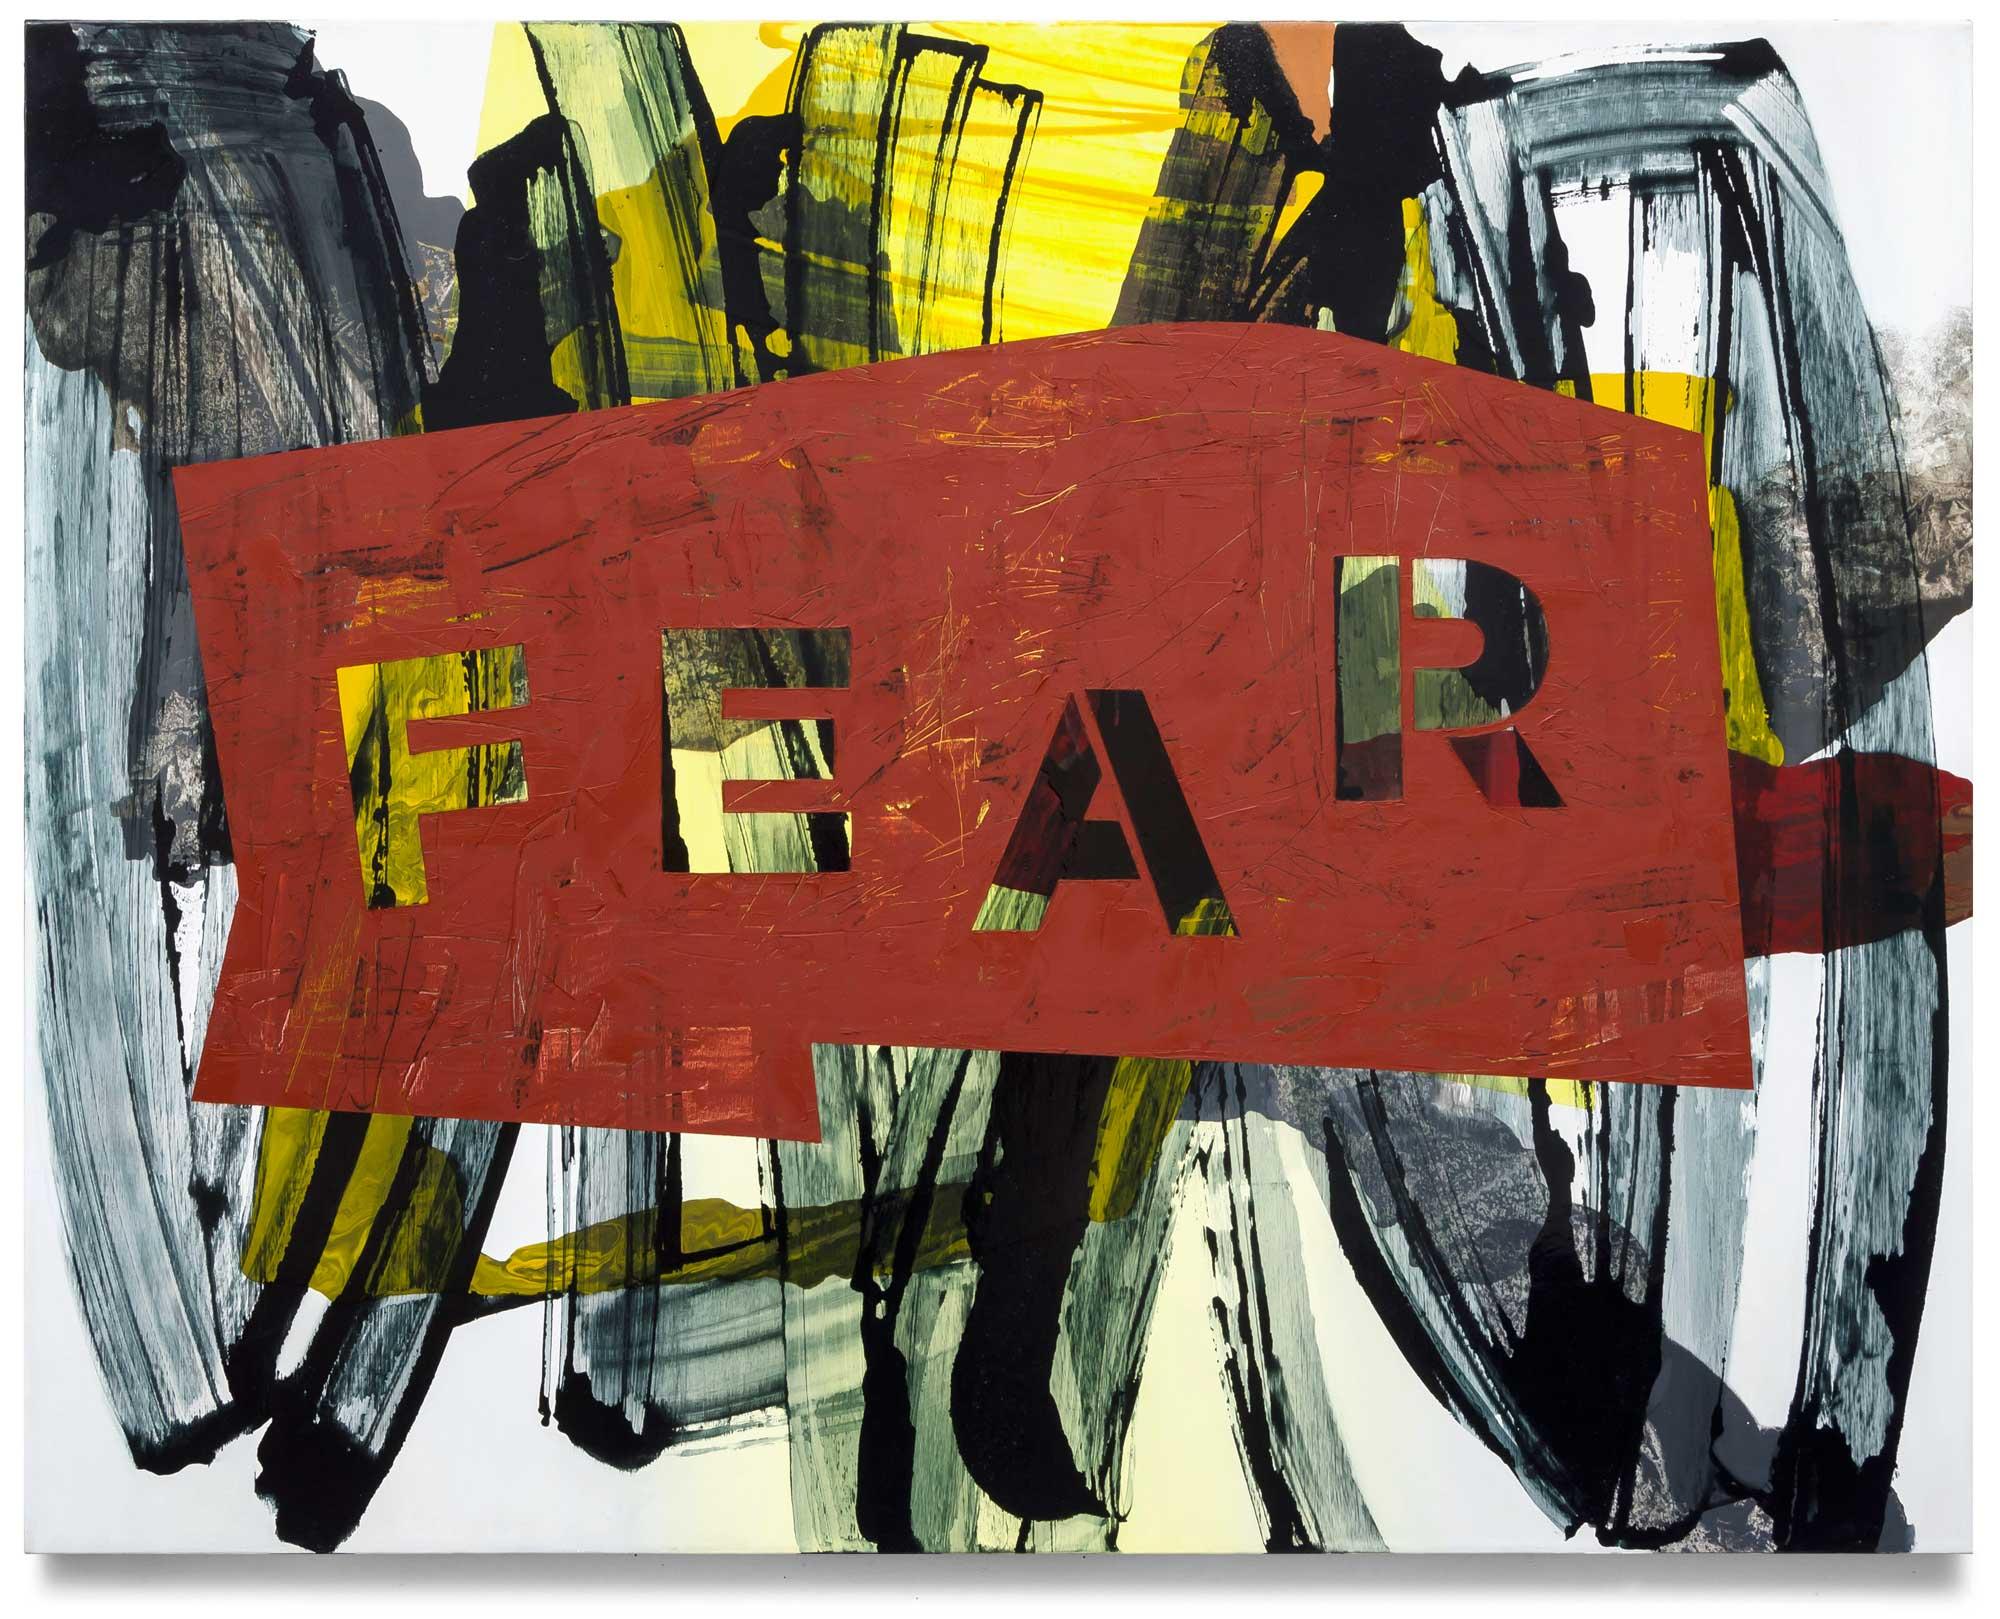 Fear-oil-on-canvas-111.76 cm x 142.24 cm.